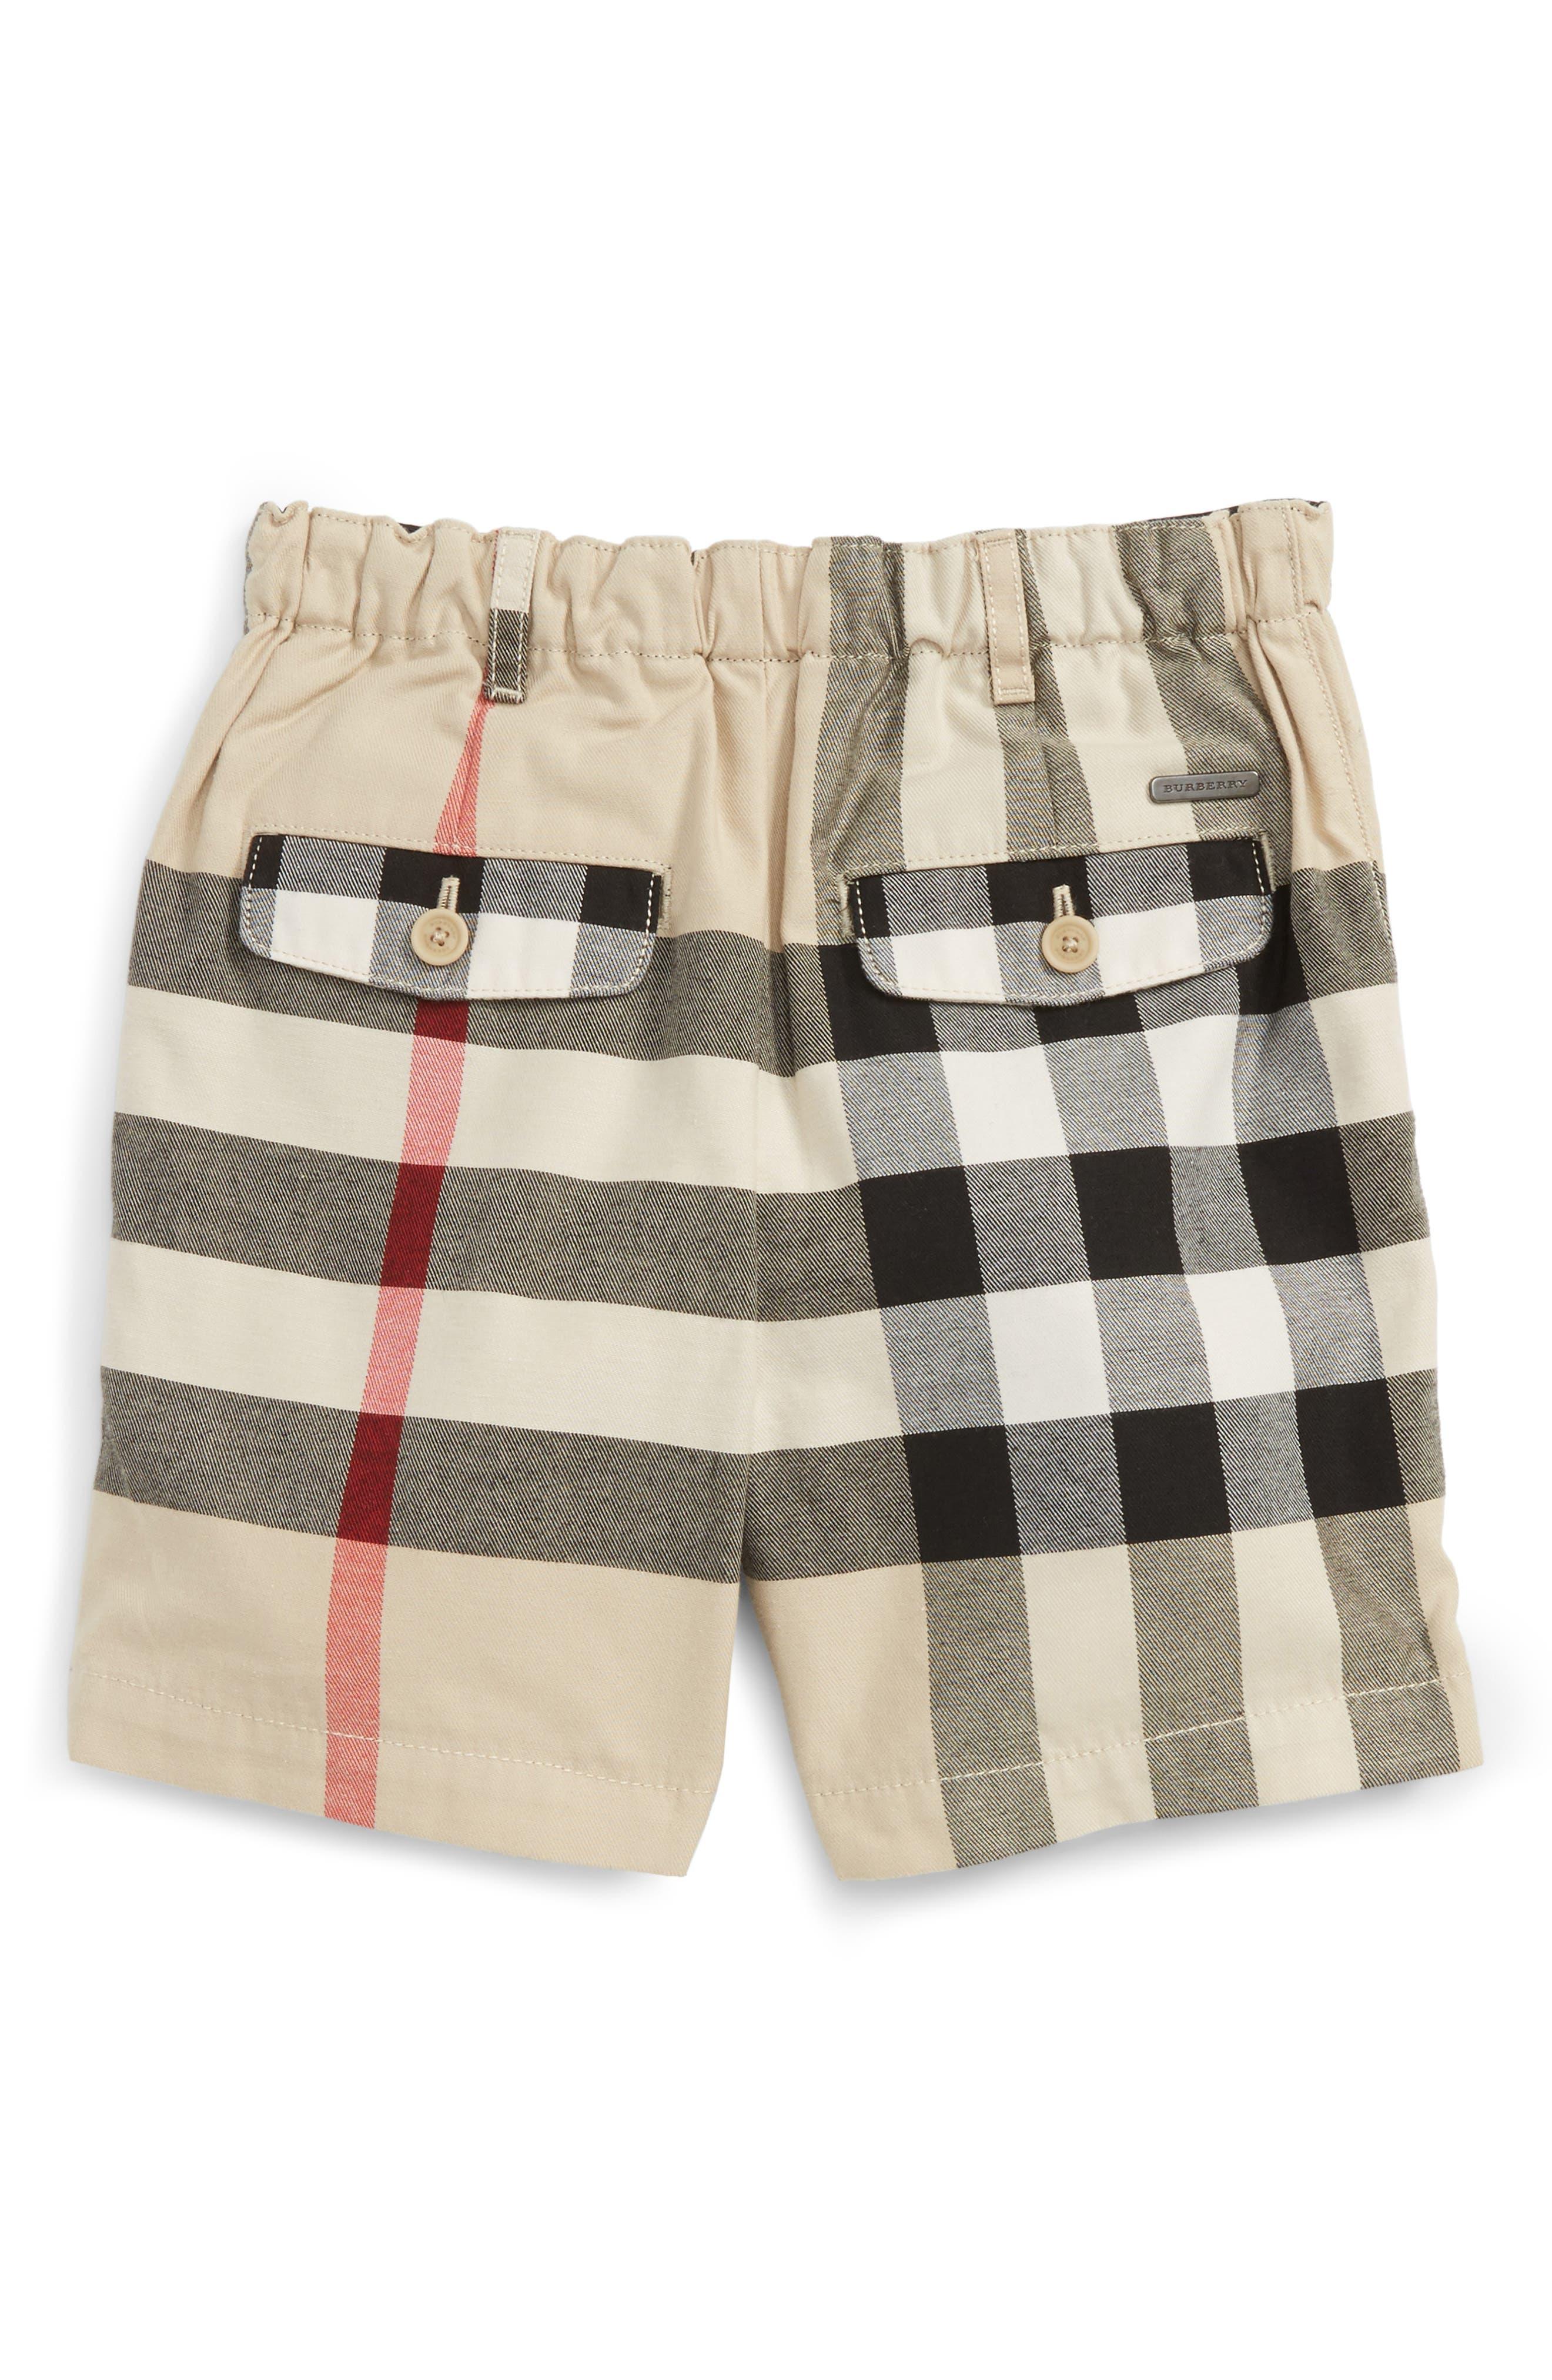 Sean Check Print Shorts,                             Main thumbnail 1, color,